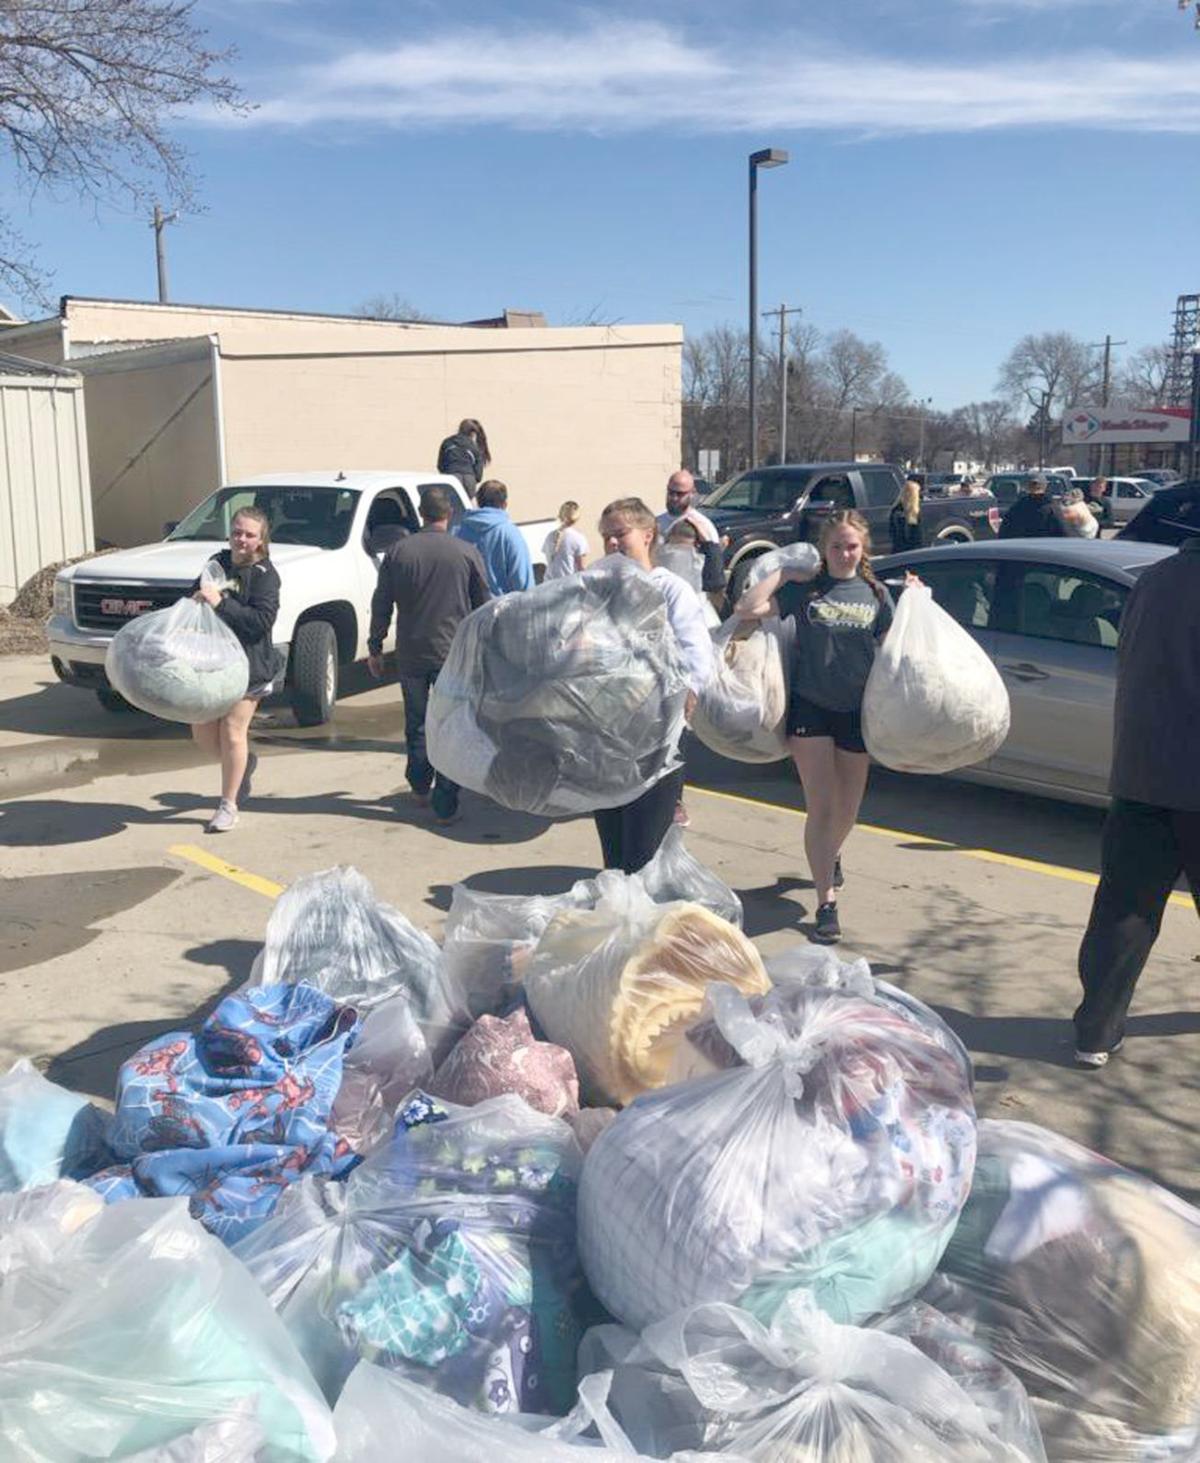 Flood efforts case workers and volunteers